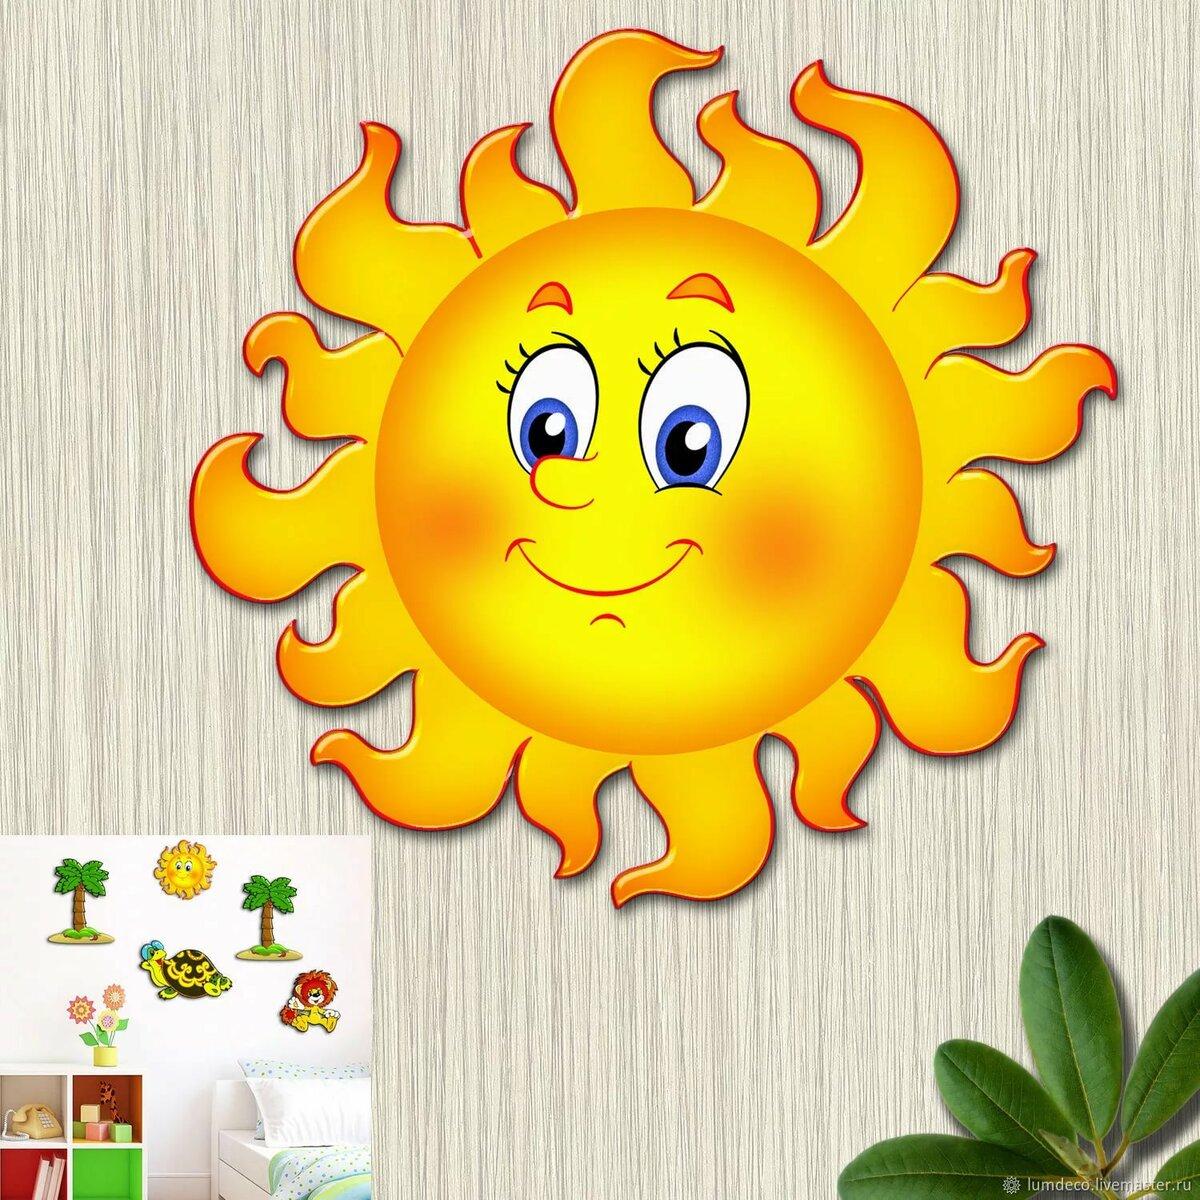 Картинки солнышка красивые для детей